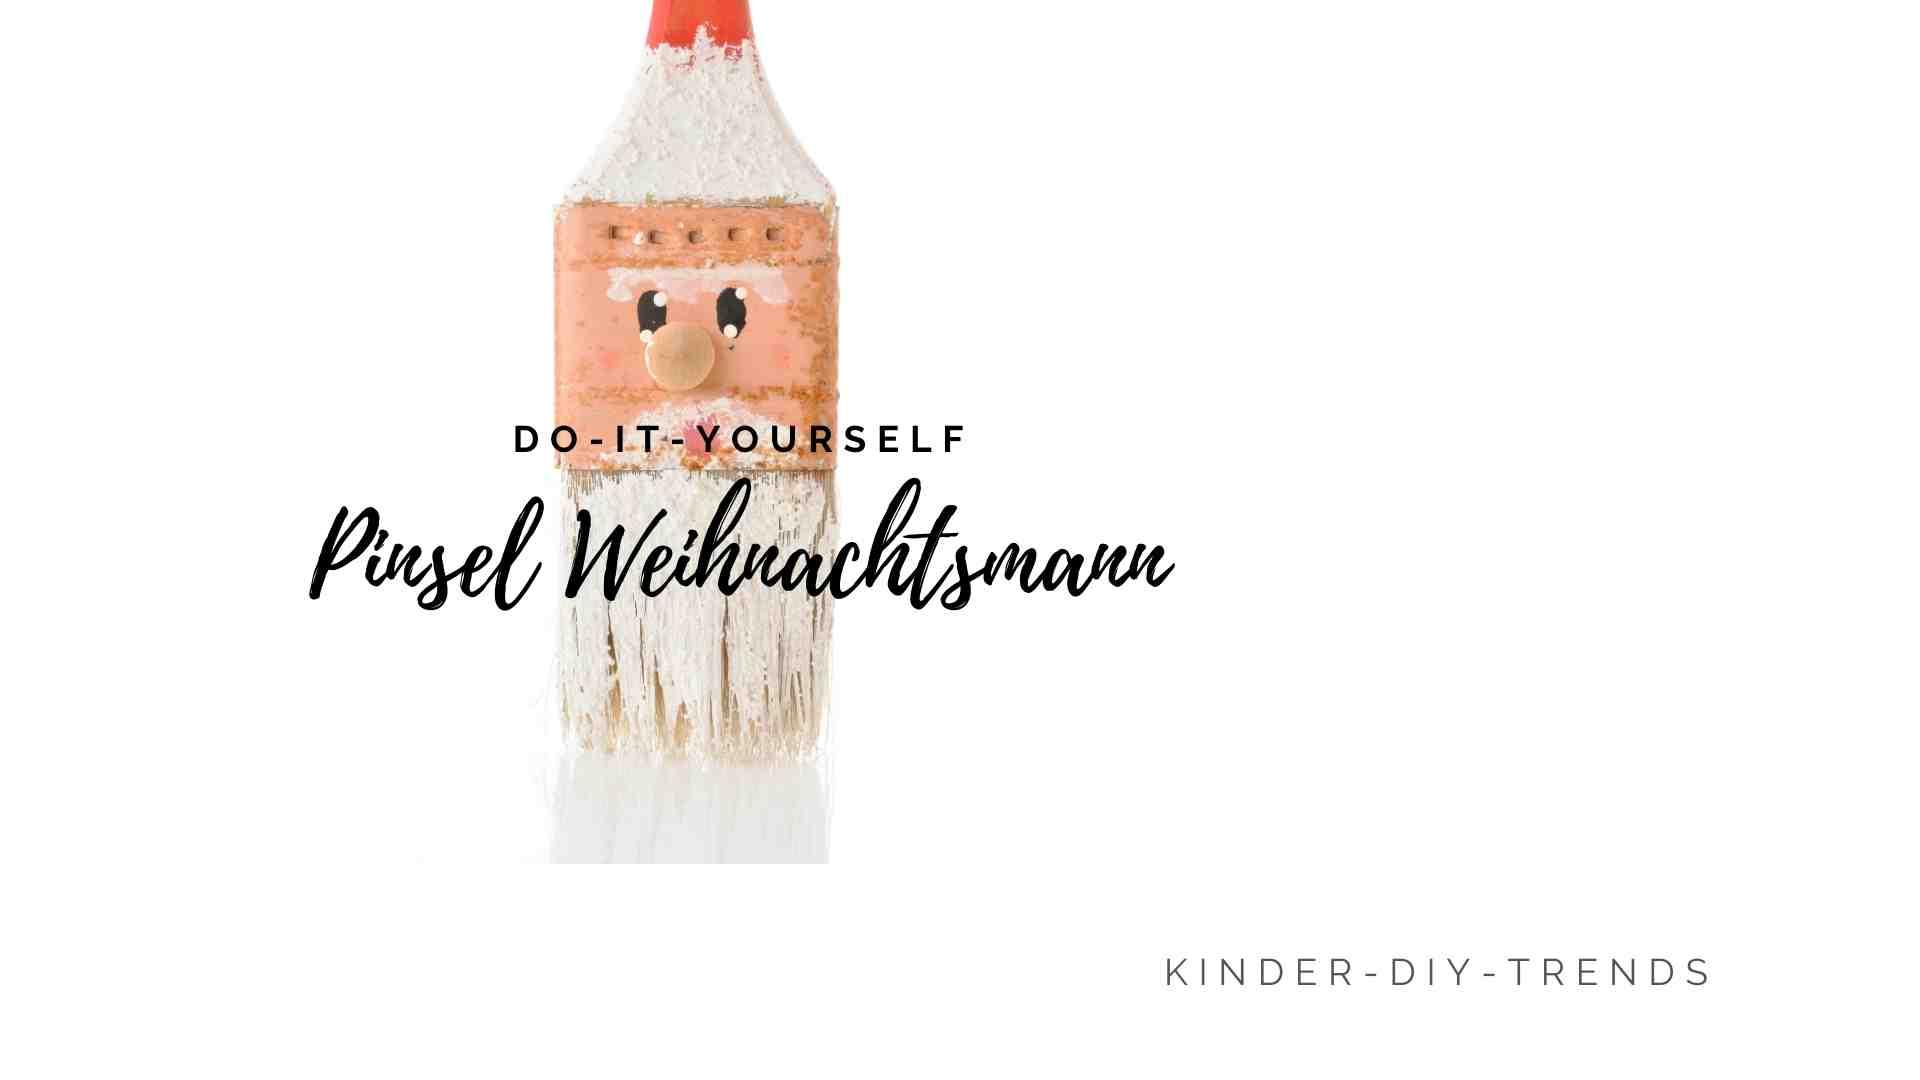 Pinsel Weihnachtsmann Nikolaus basteln - Anleitung